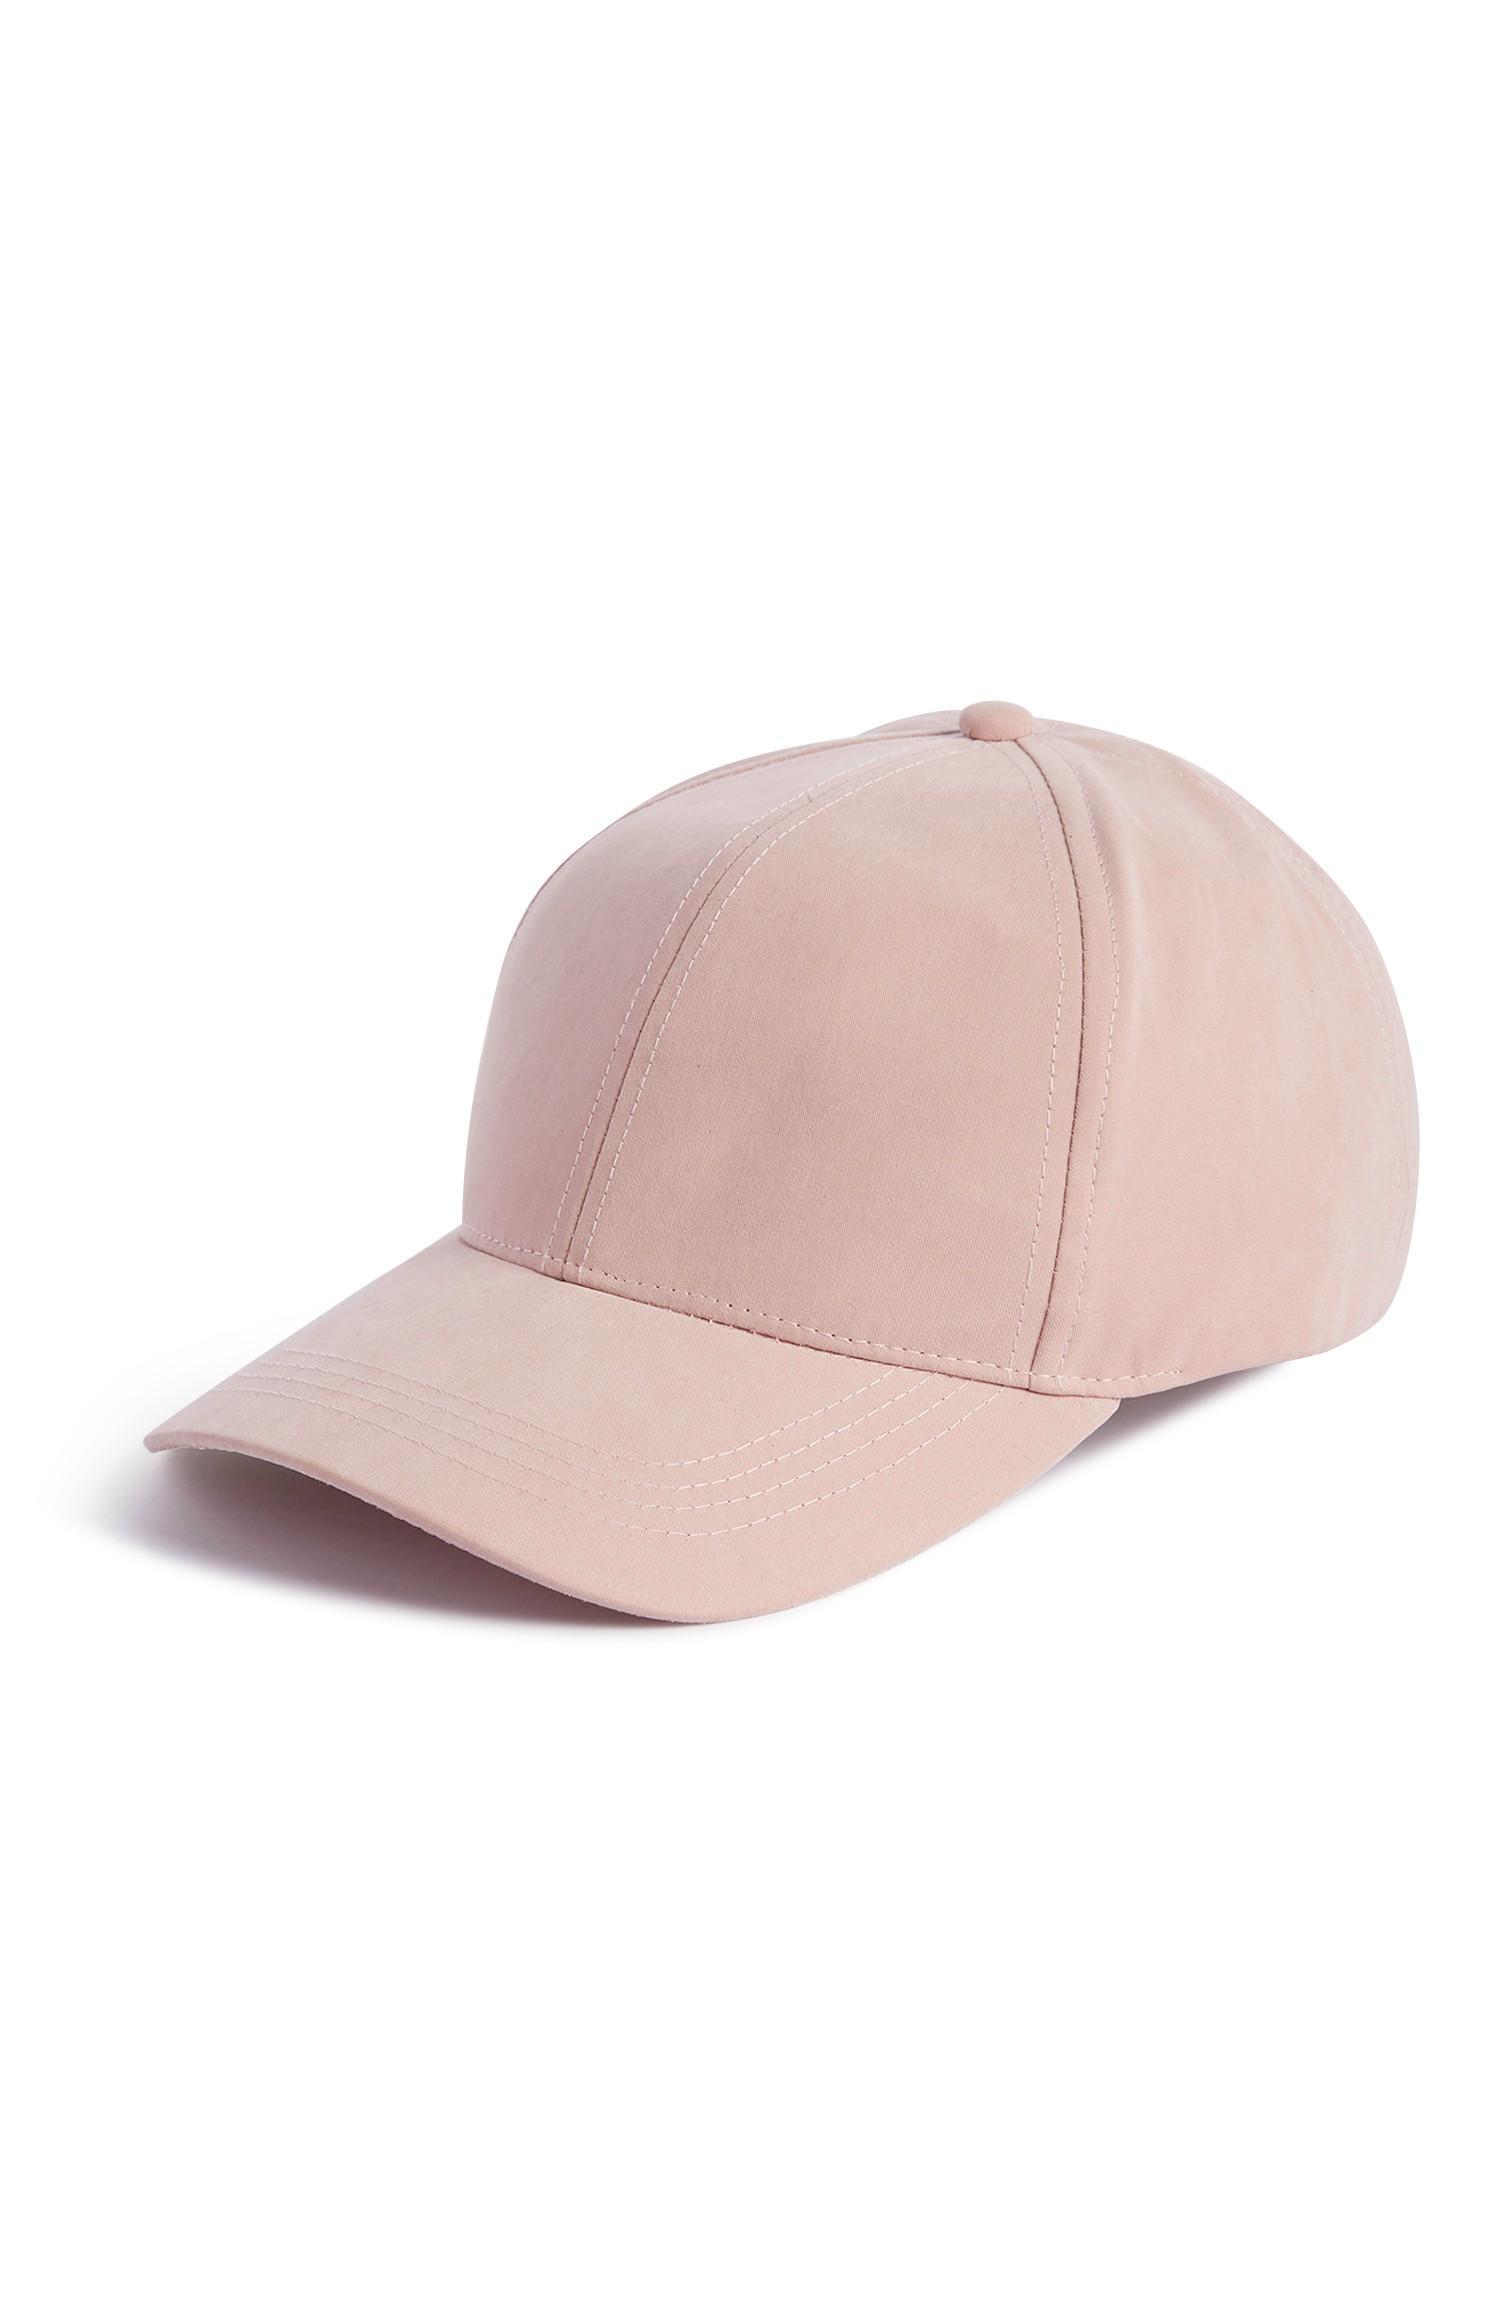 Blush Cap